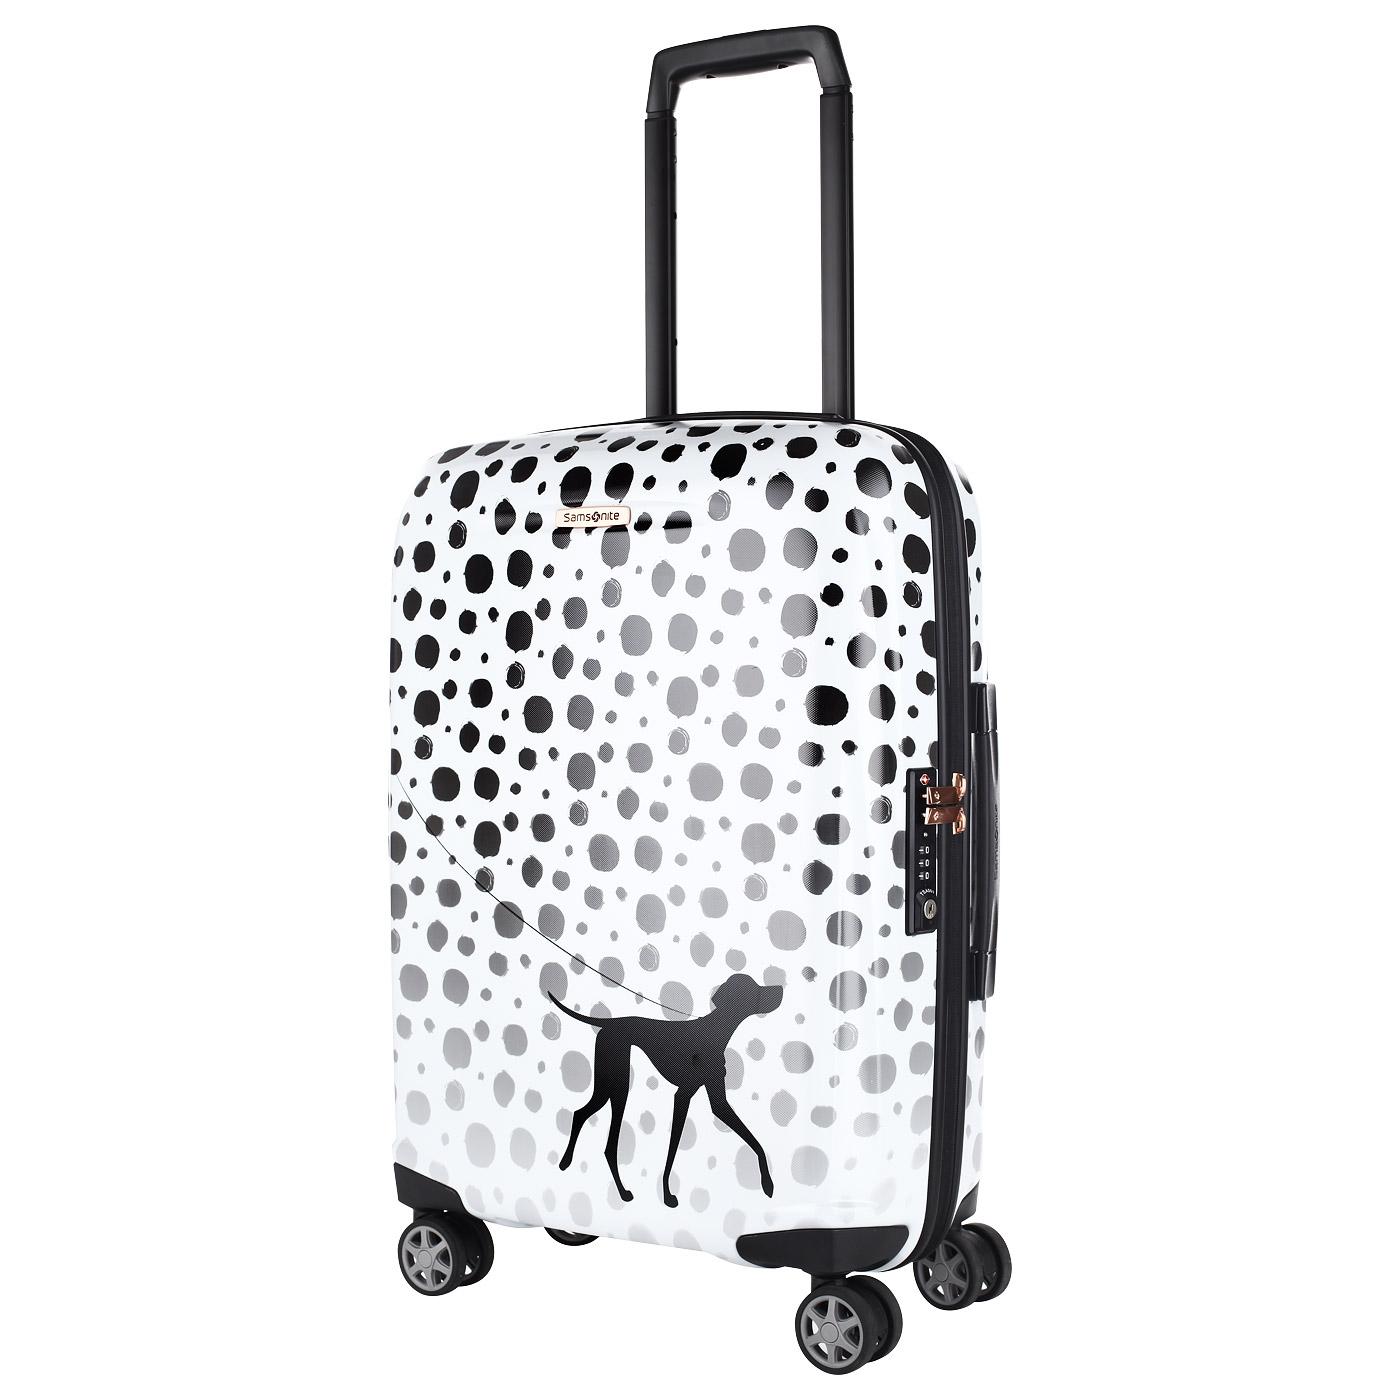 Купить чемодан для ручной клади в Москве интернет магазин